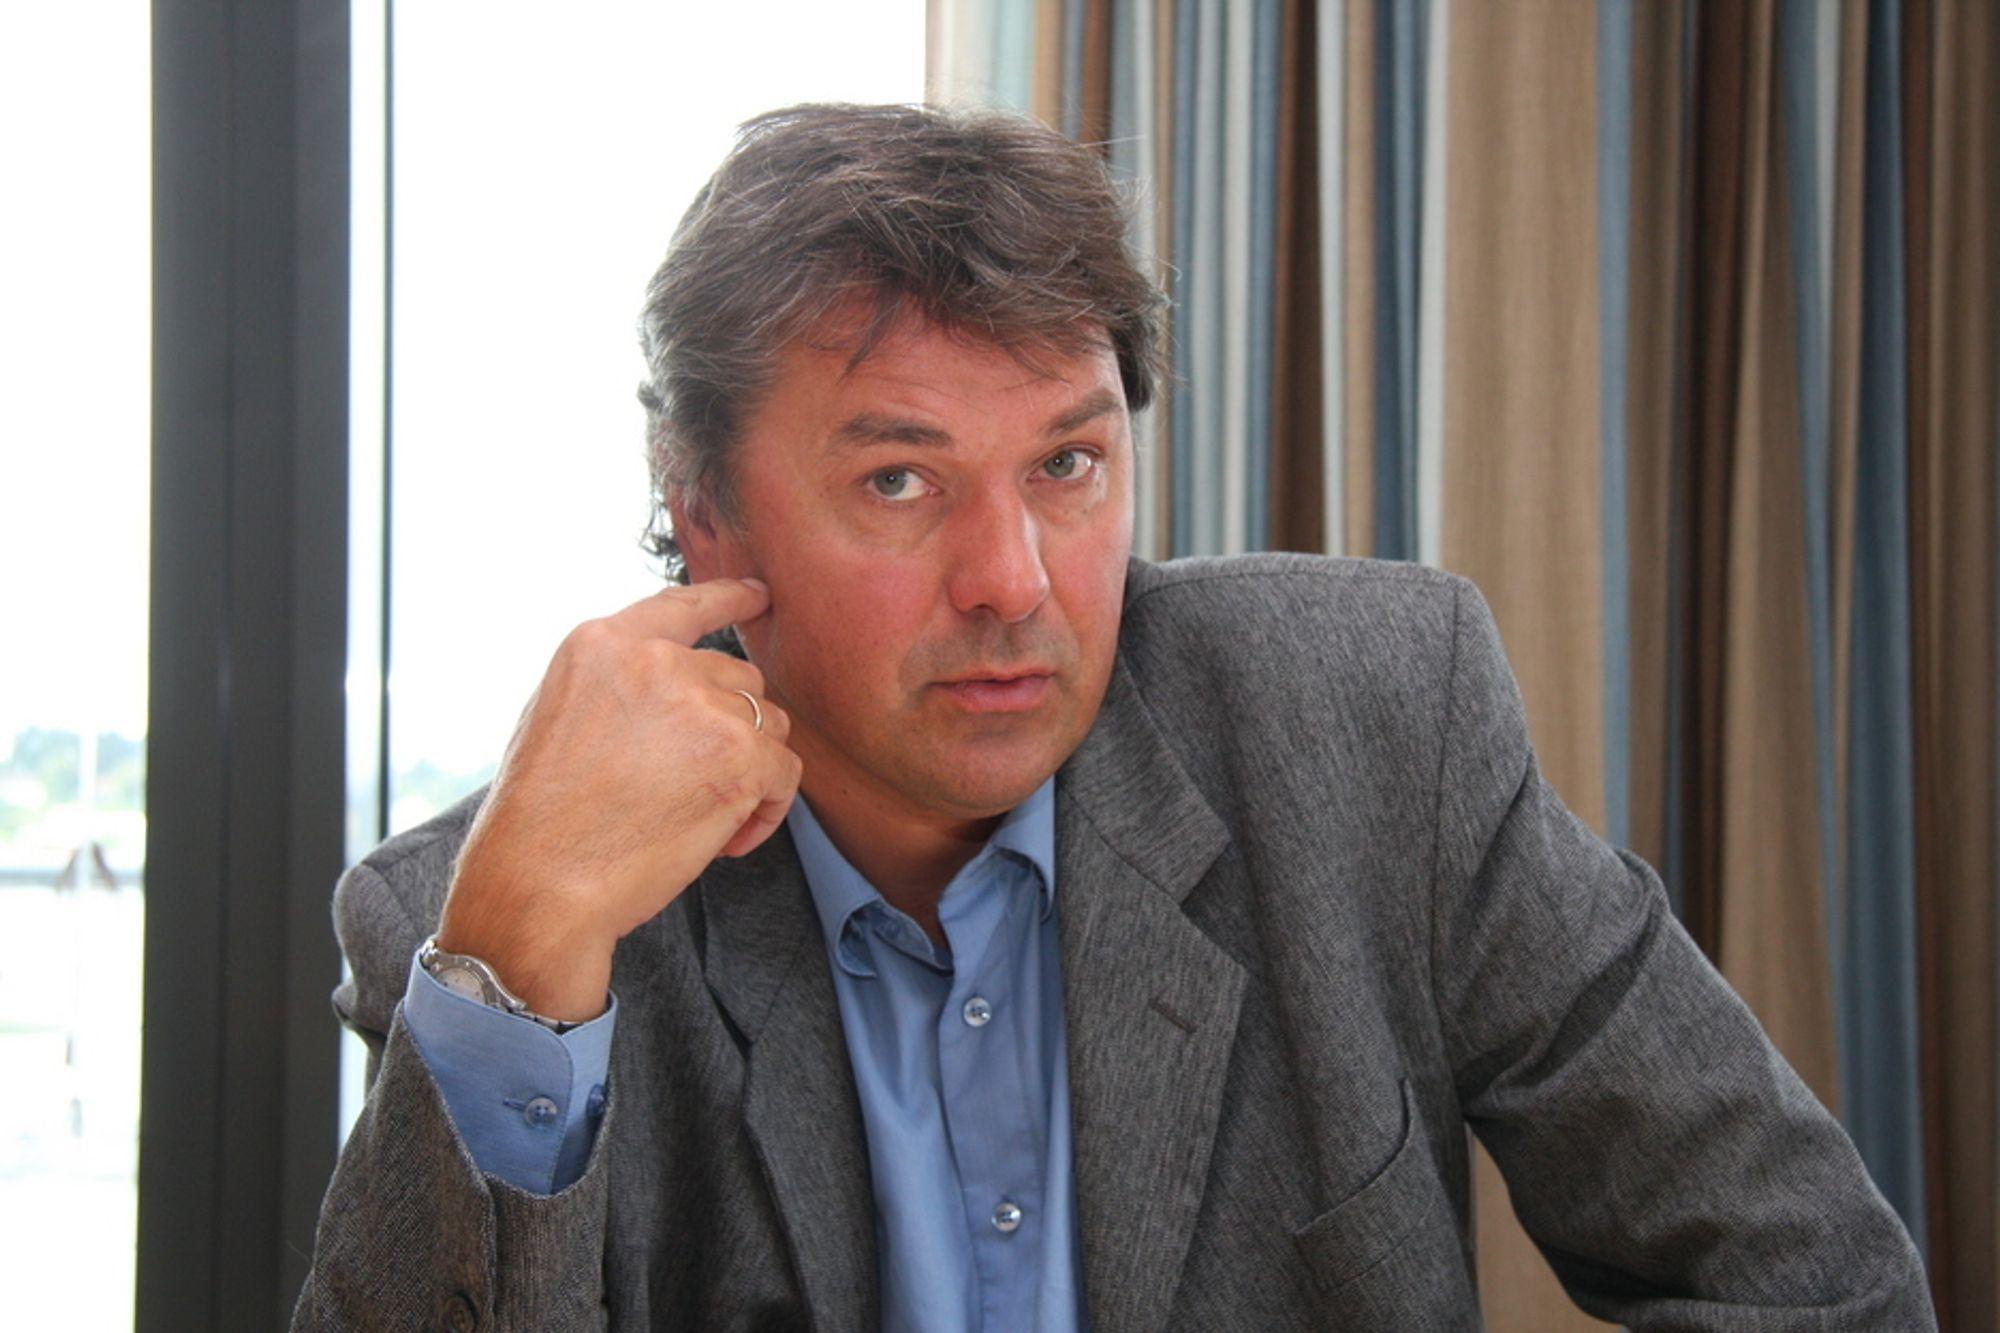 Sjøfartsdirektør Olav Akselsen ønsker et mer fleksibelt internasjonalt regelvlerk foran norske særregler.